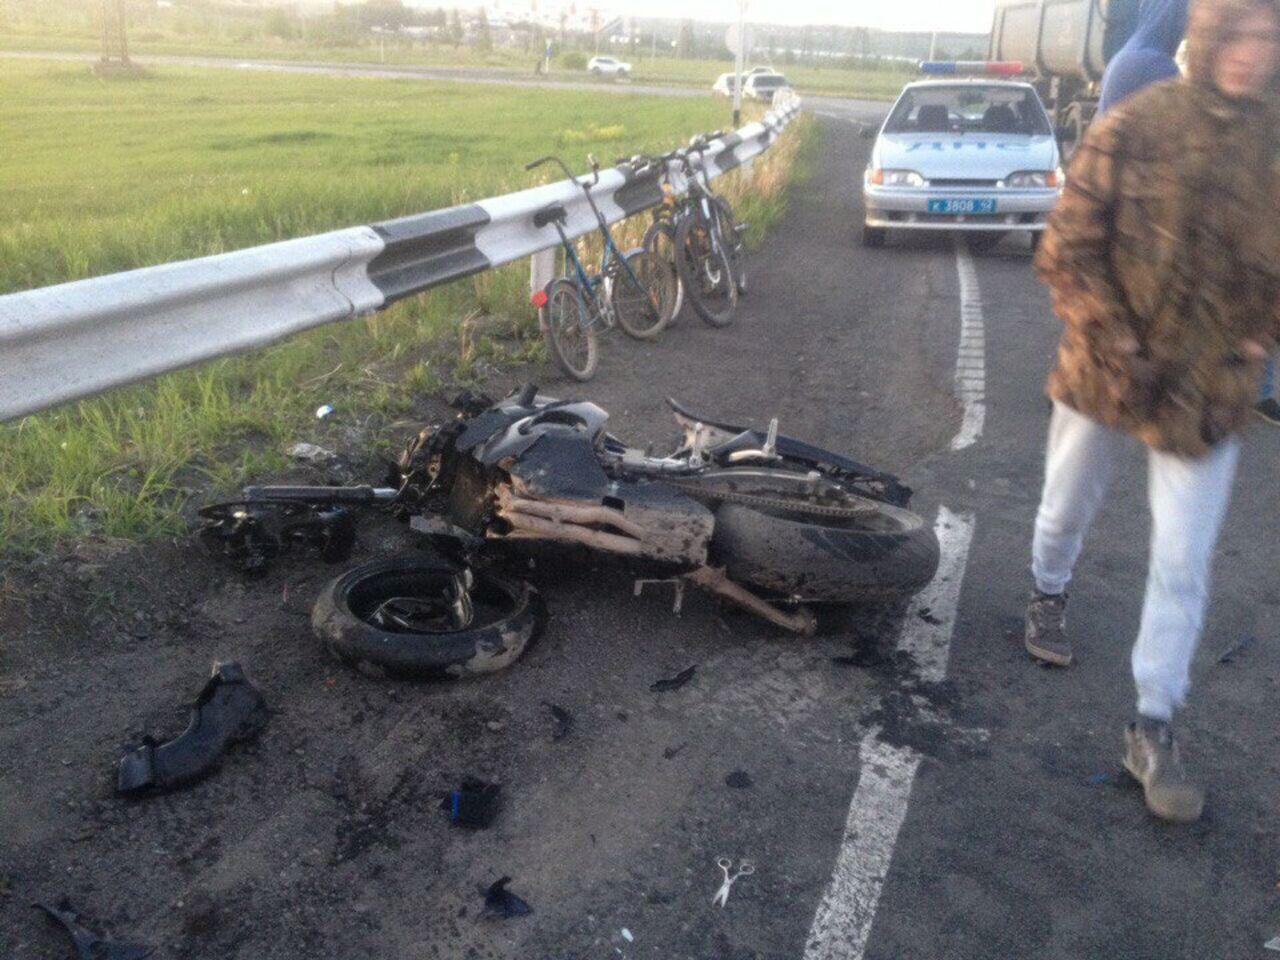 ВКузбассе вДТП умер мотоциклист наYamaha R1